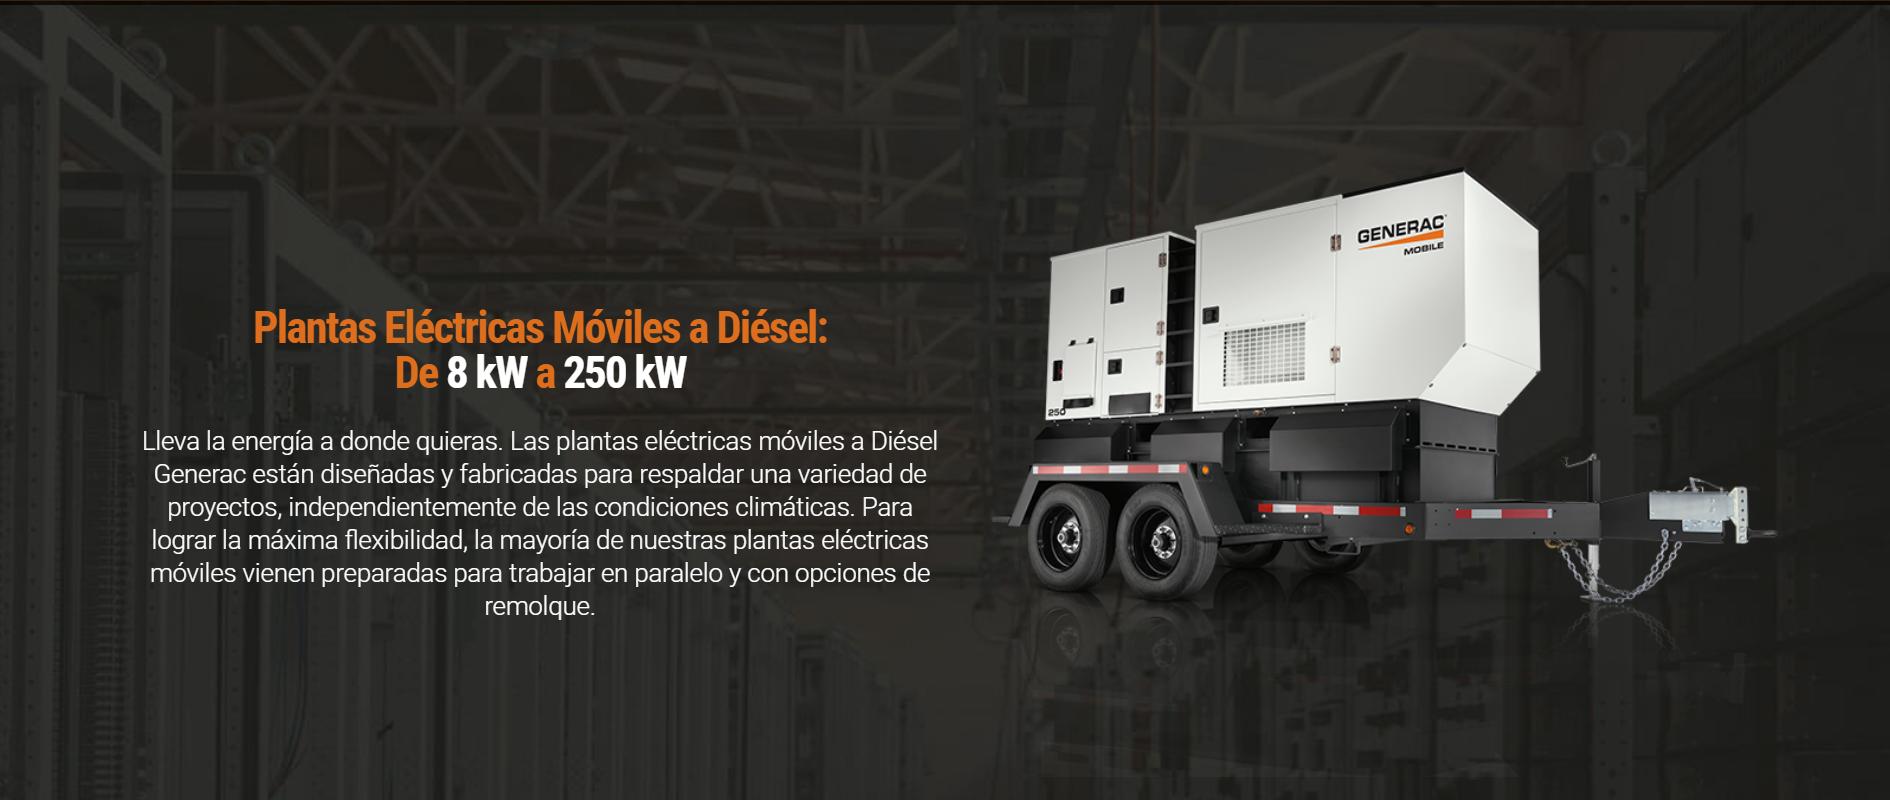 Plantas Eléctricas Móviles a Diésel De 8 kW a 250 kW